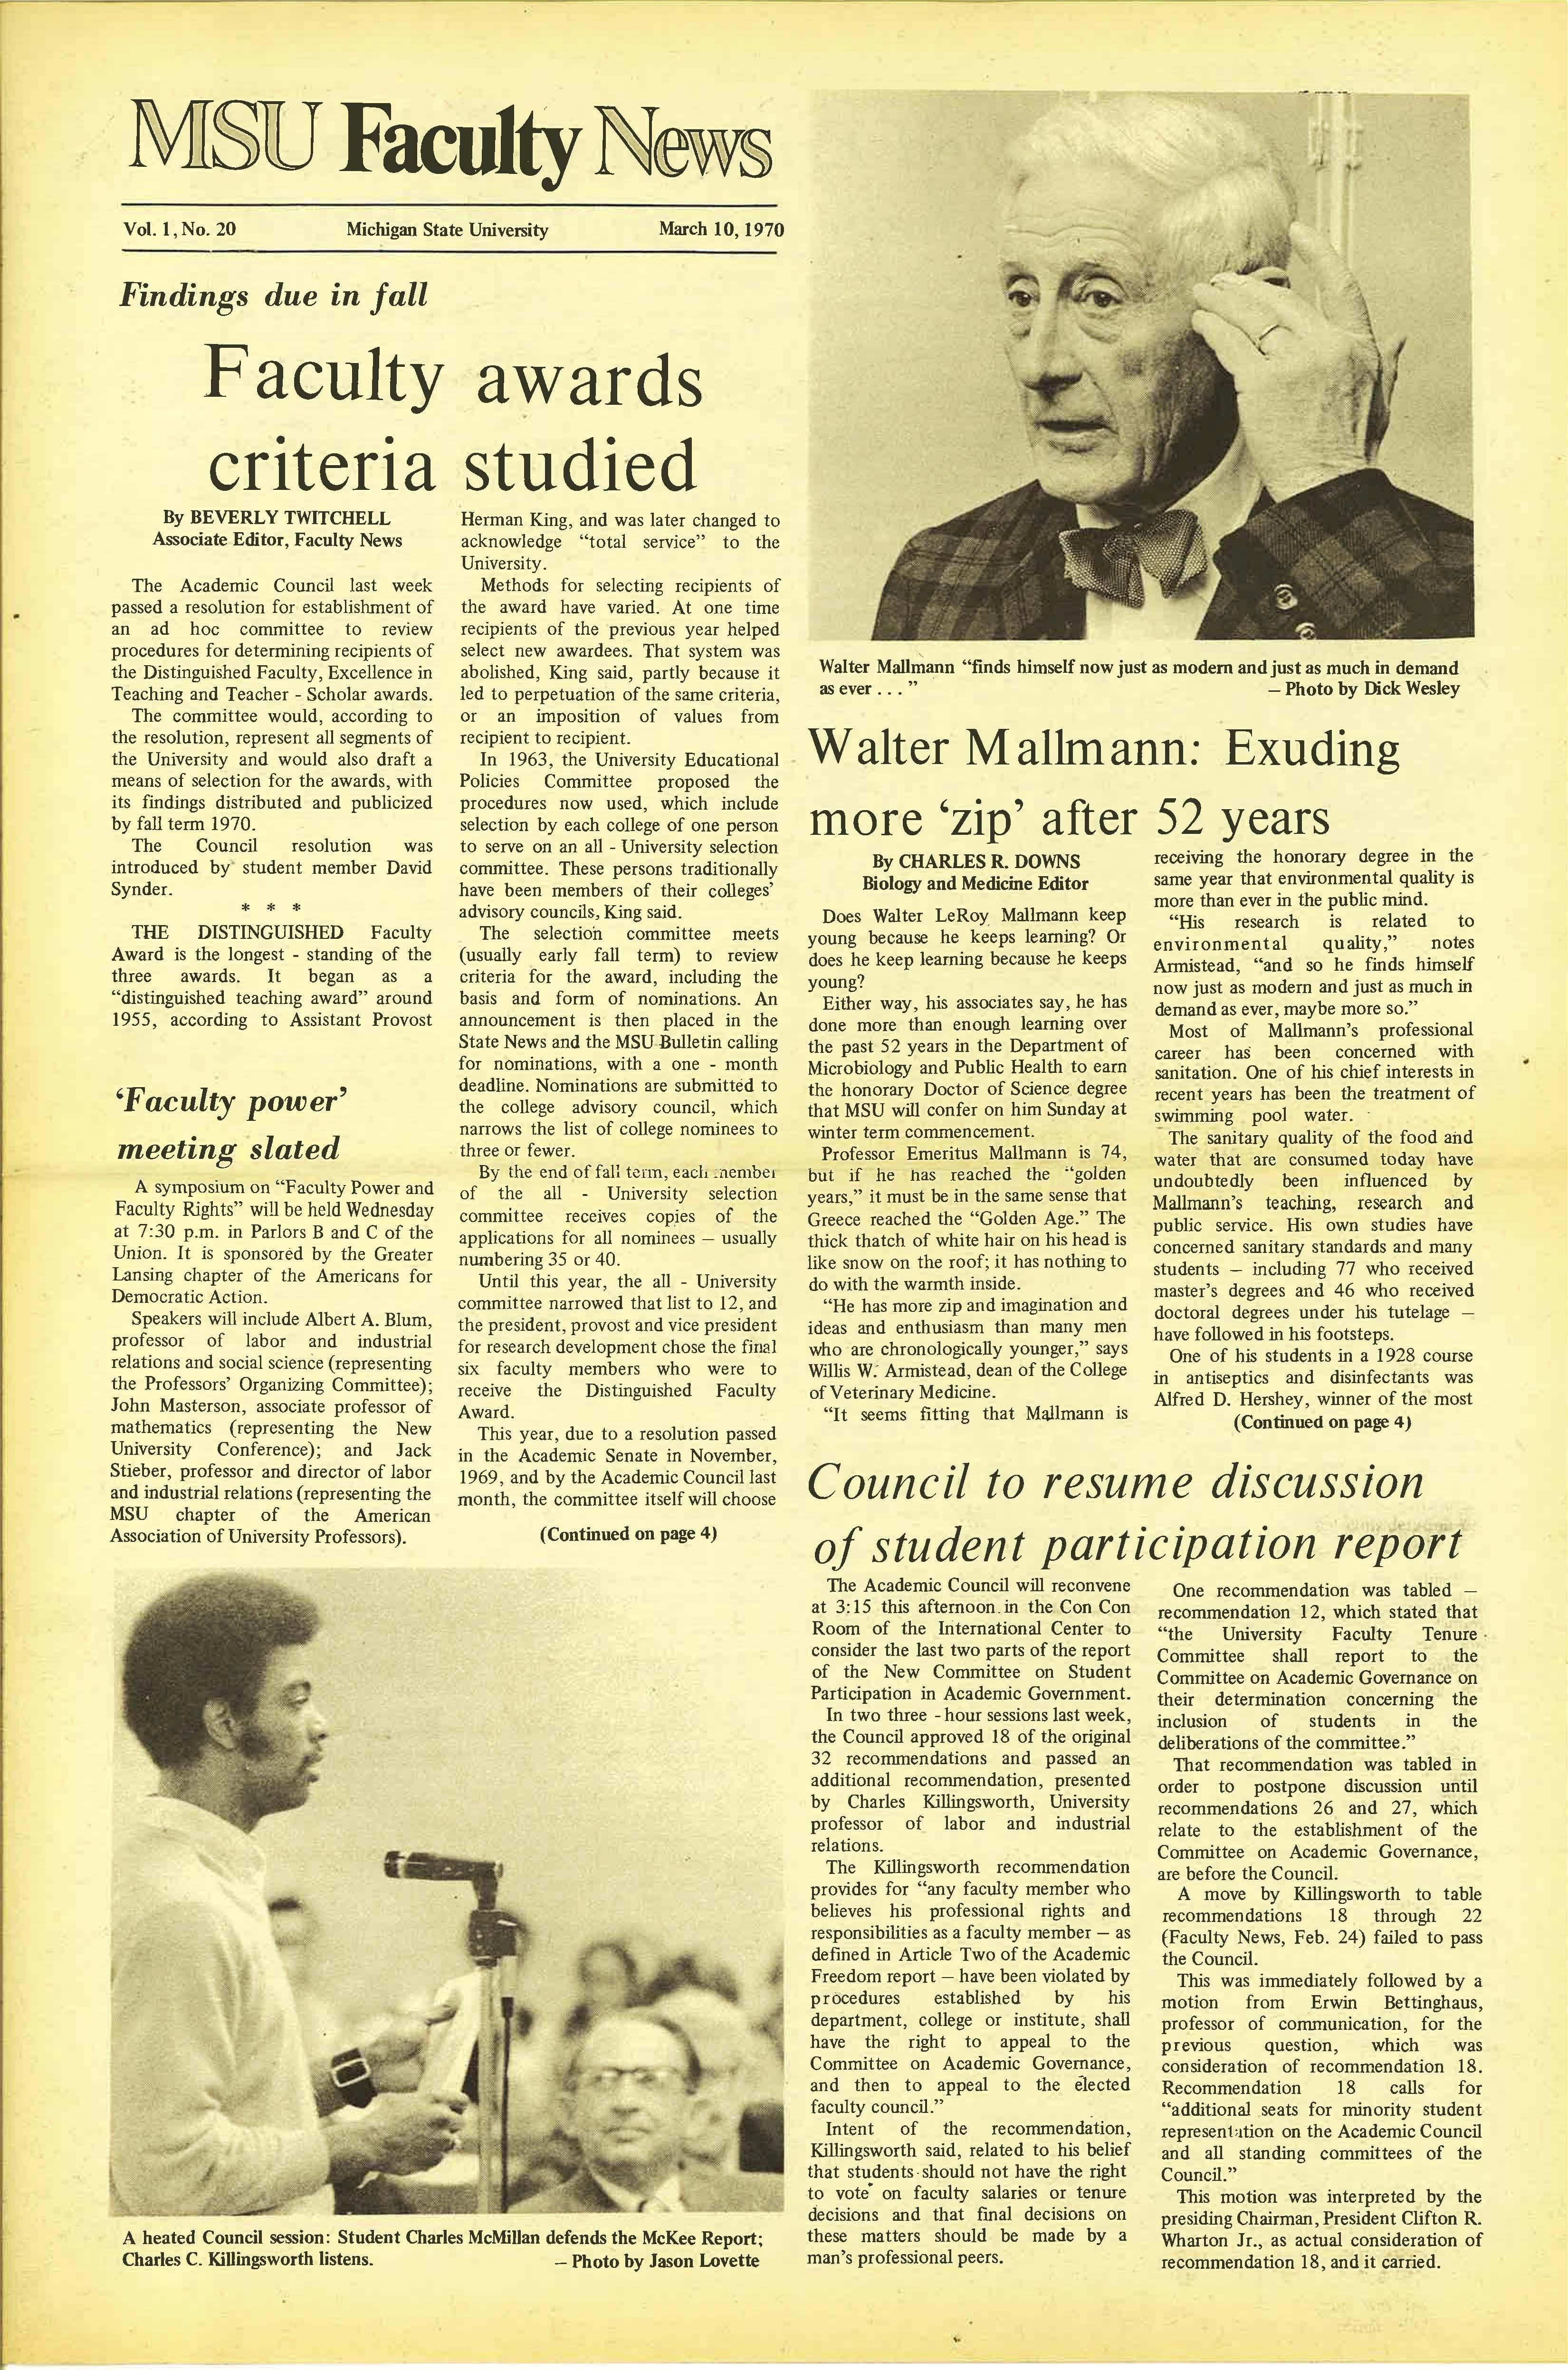 MSU News Bulletin, Vol. 1, No. 29, May 26, 1970